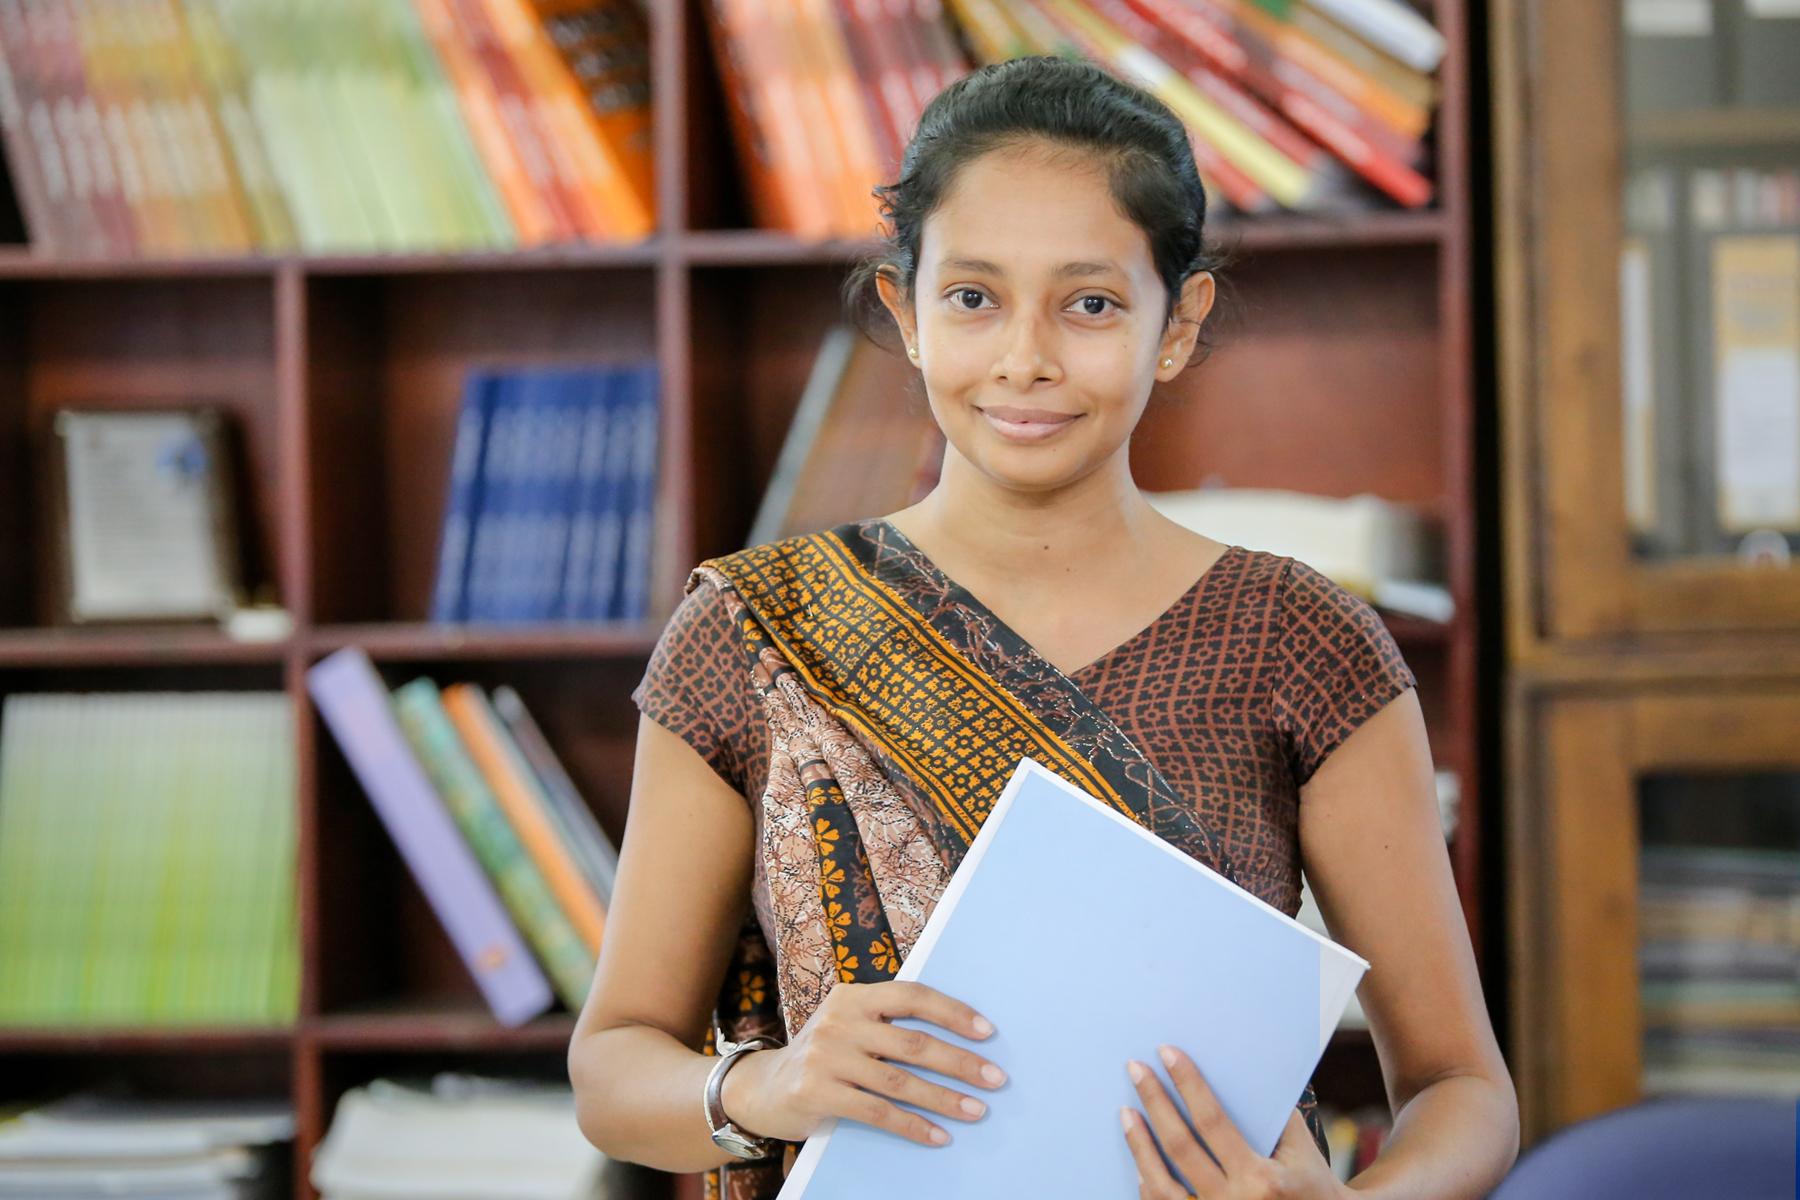 H. M. Dilshani Thilanka Kumarihamy Jayathilake